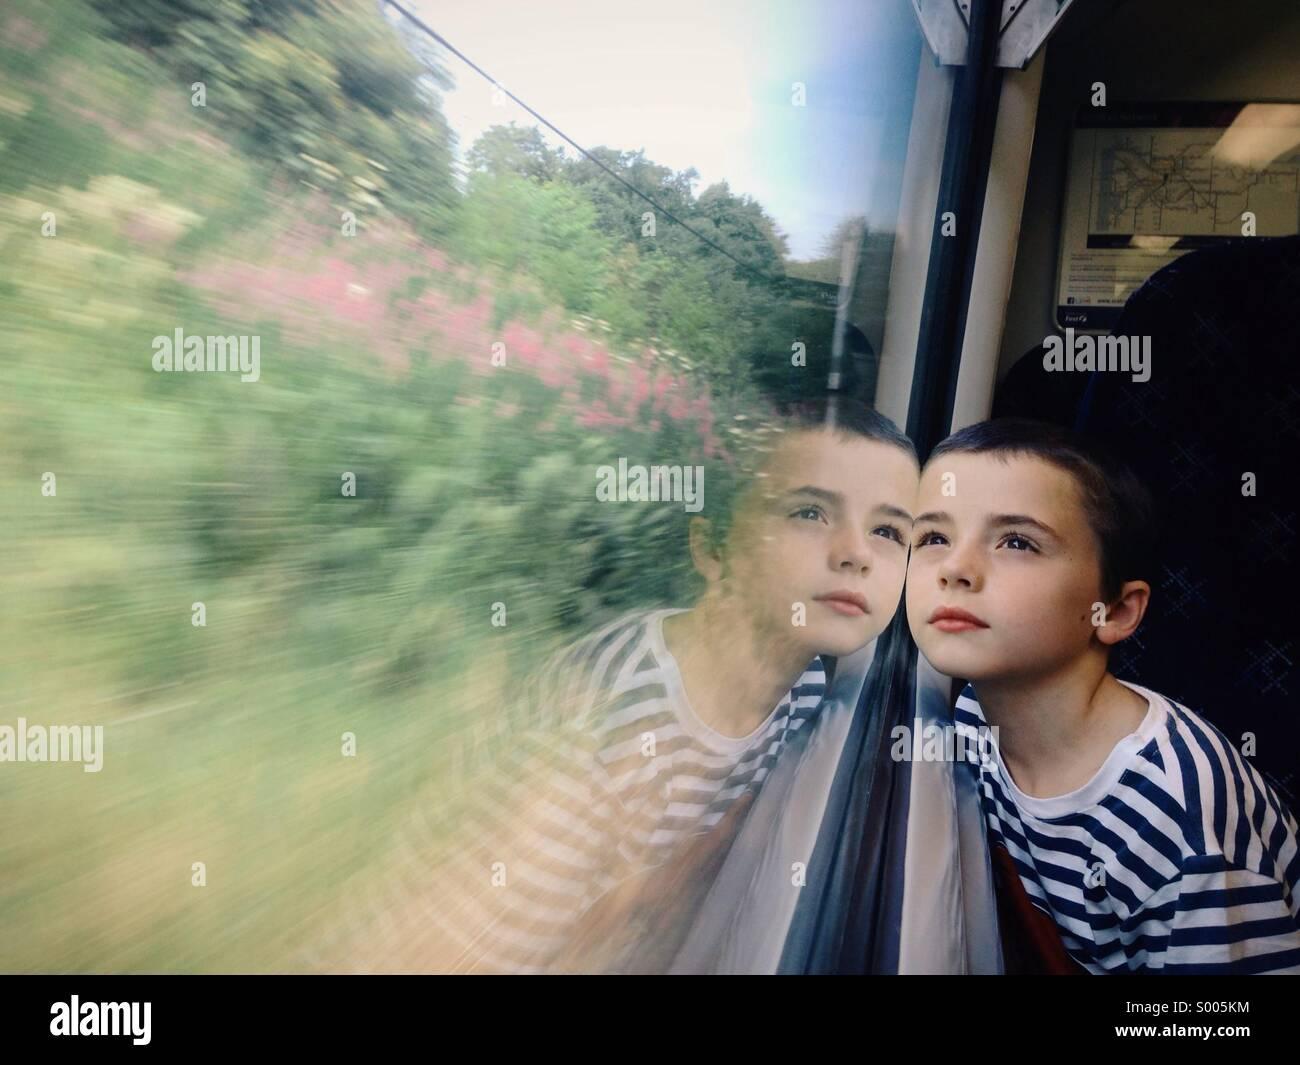 Jeune garçon contempler de la fenêtre du train Photo Stock